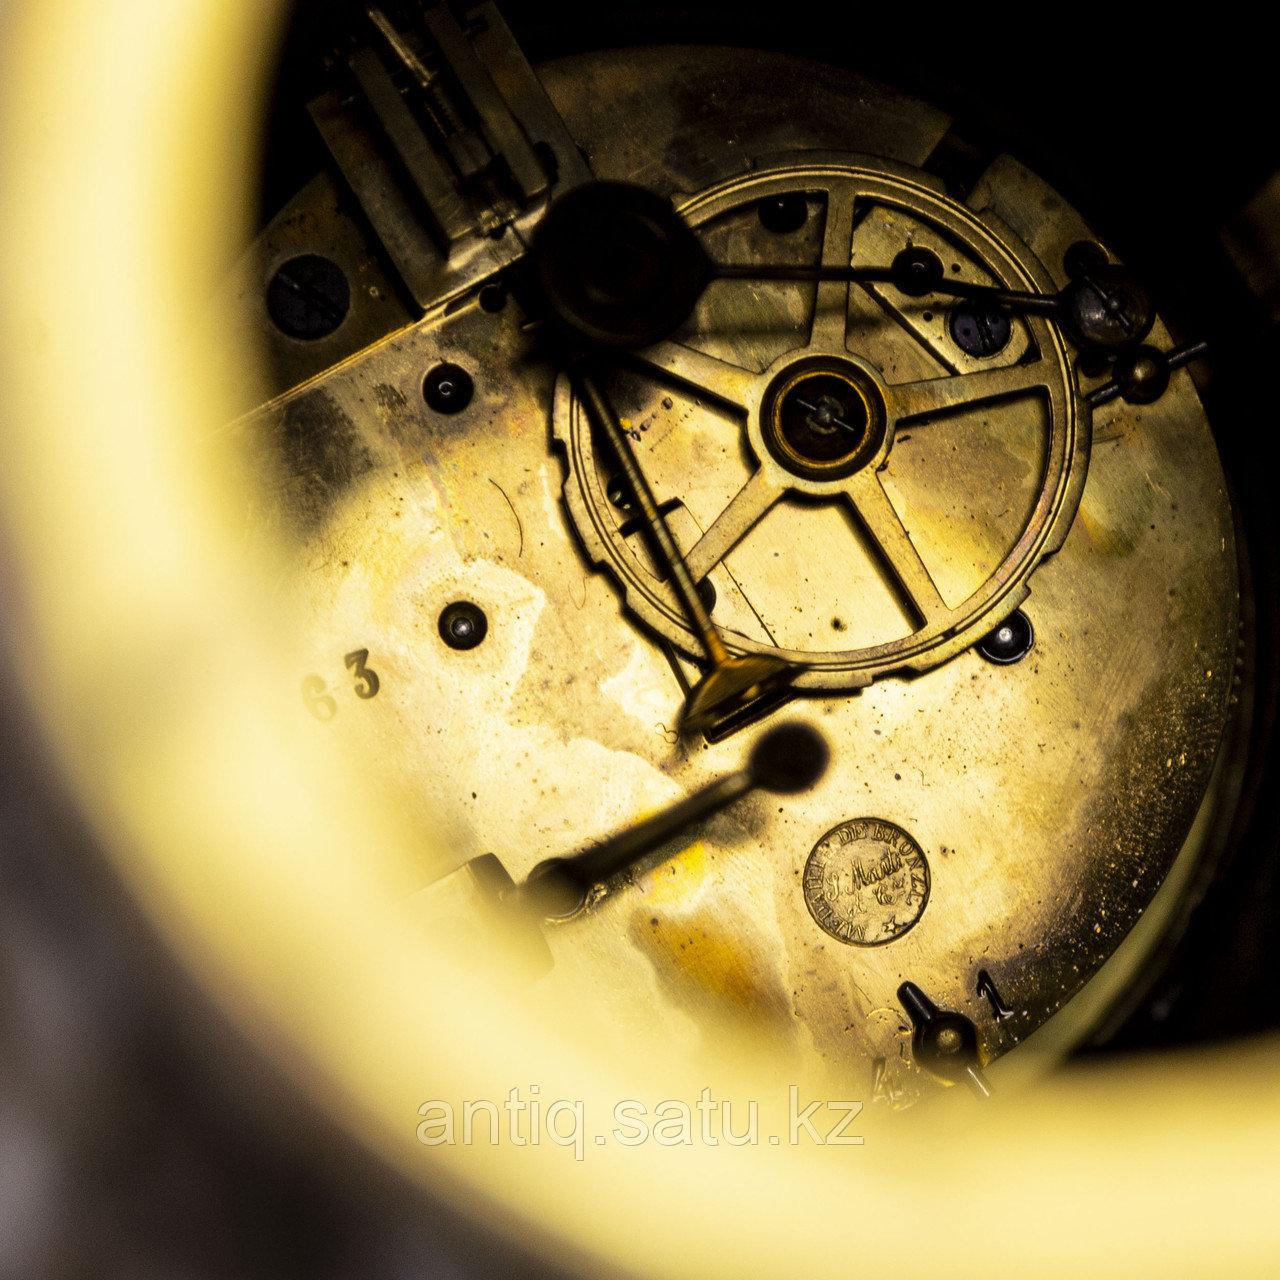 Часы в стиле Наполеона III. Скульптор Hippolyte Moreau Часовая мастерская S. Marti & Cie - фото 8